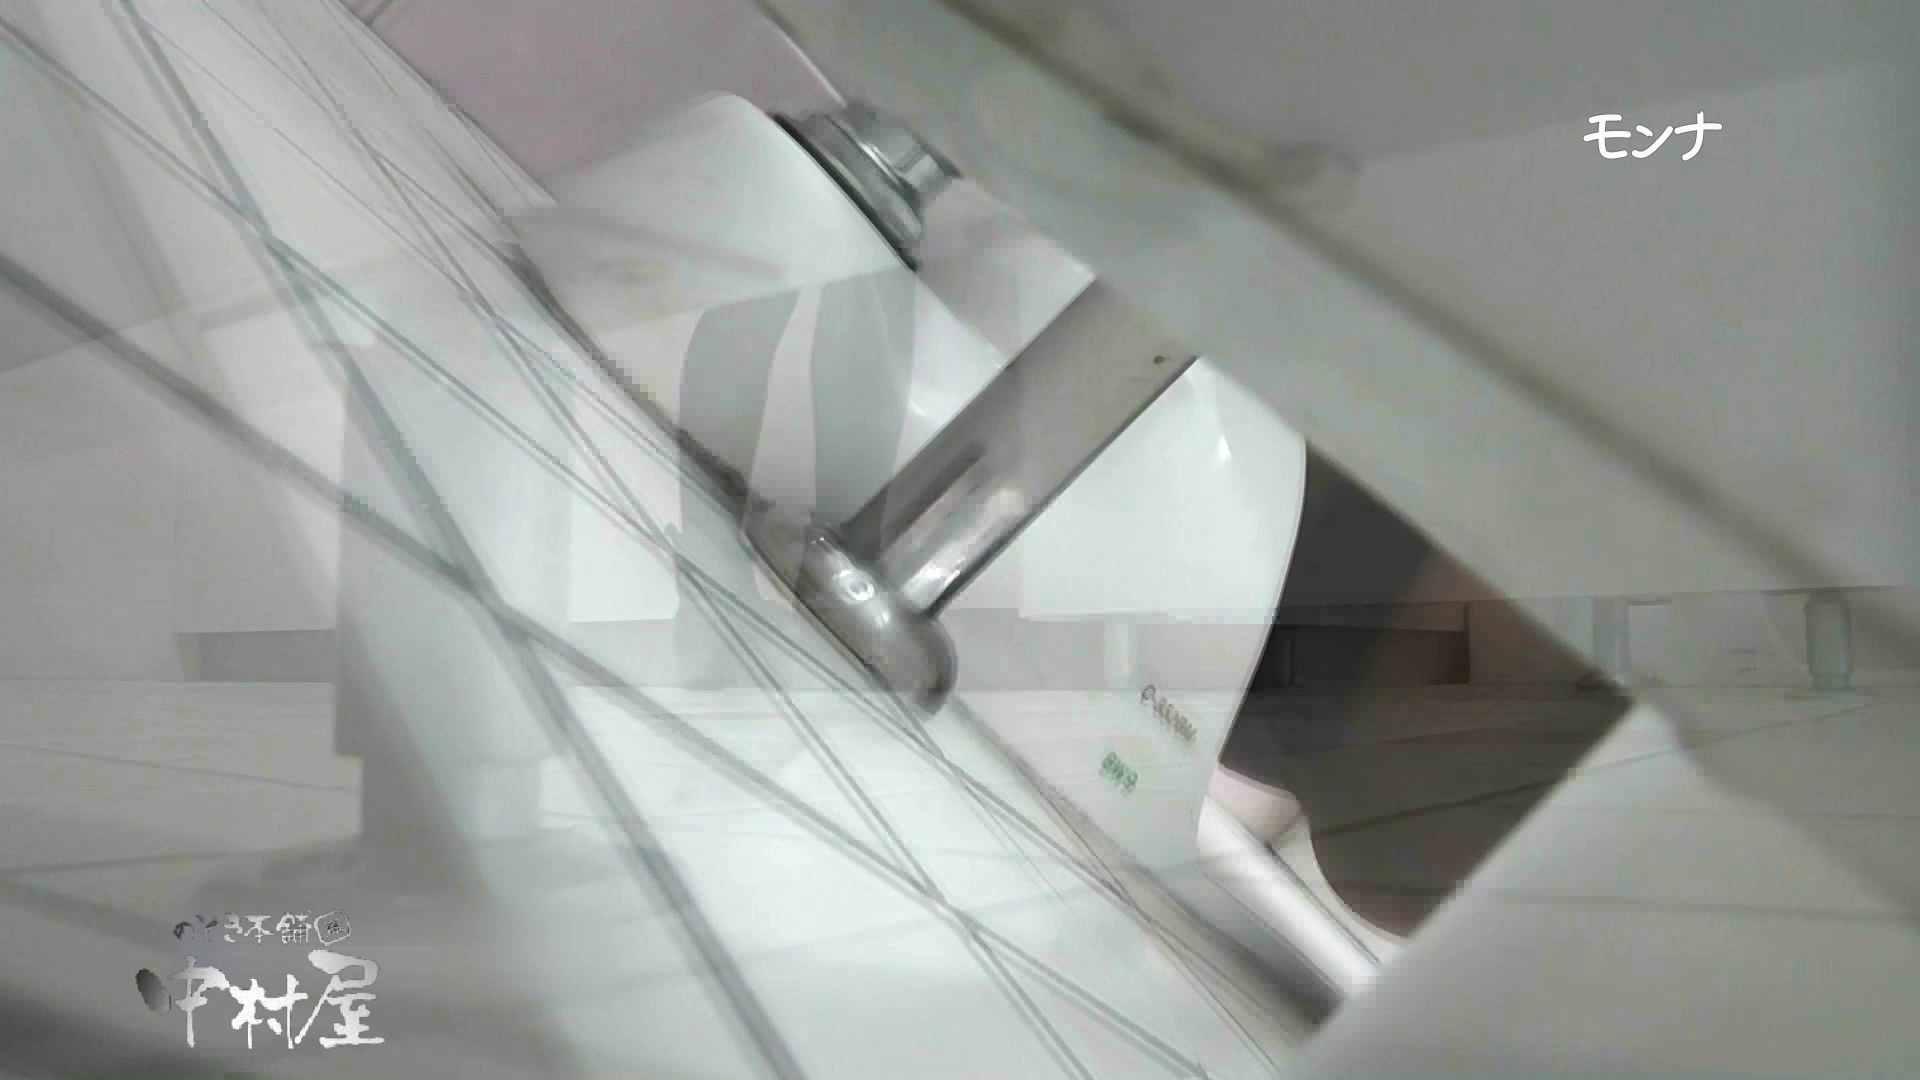 ハメ撮り 【美しい日本の未来】遂に!!戸田恵梨香似の予告モデル登場ダッシュで「大」前編 のぞき本舗 中村屋